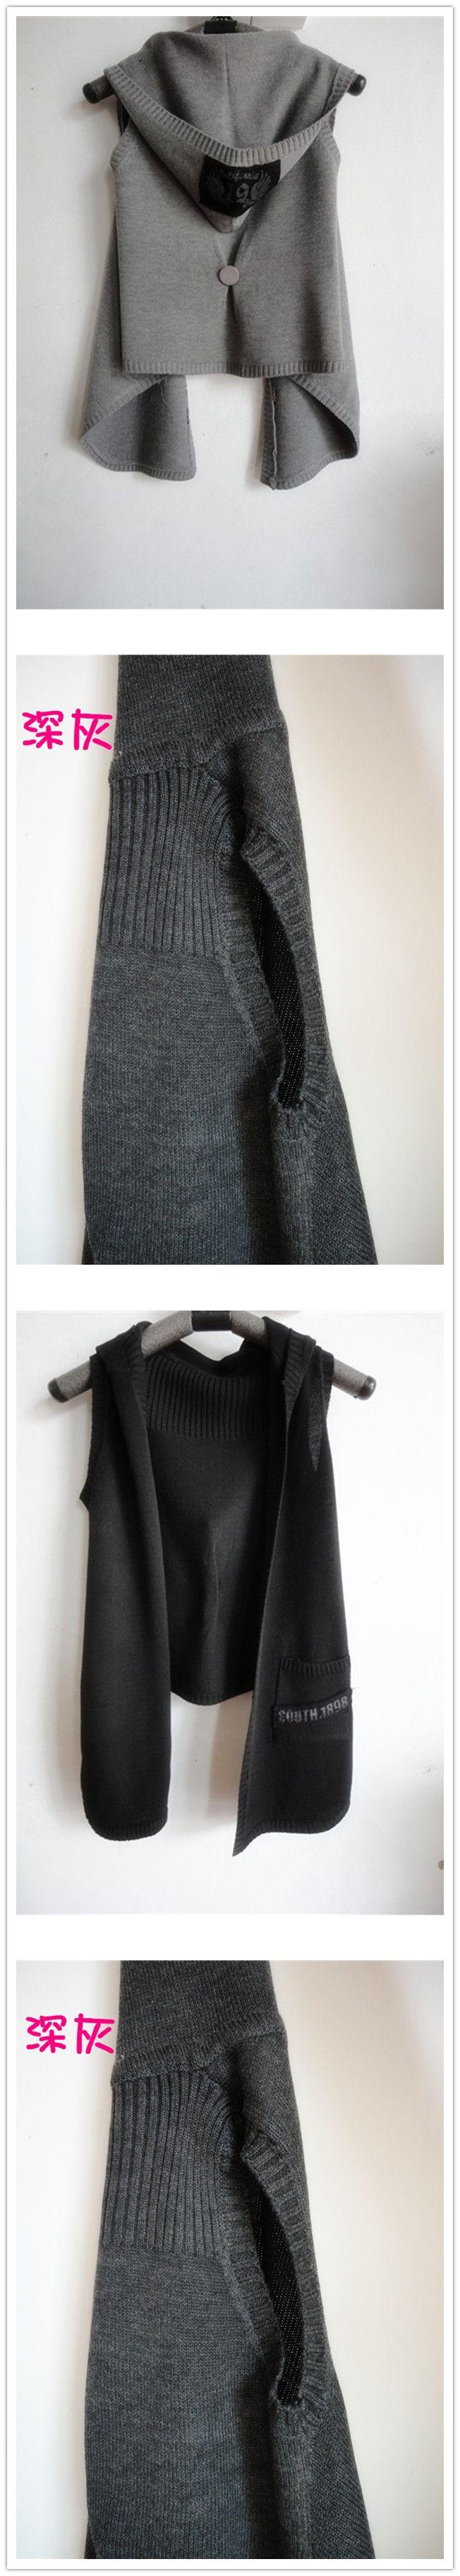 2016 Новый Осень Зима Женщины Жилет с капюшоном вязаный женщина жилет свитер кардиган плащ без рукавов верхняя одежда черный, светлый темный серый купить на AliExpress